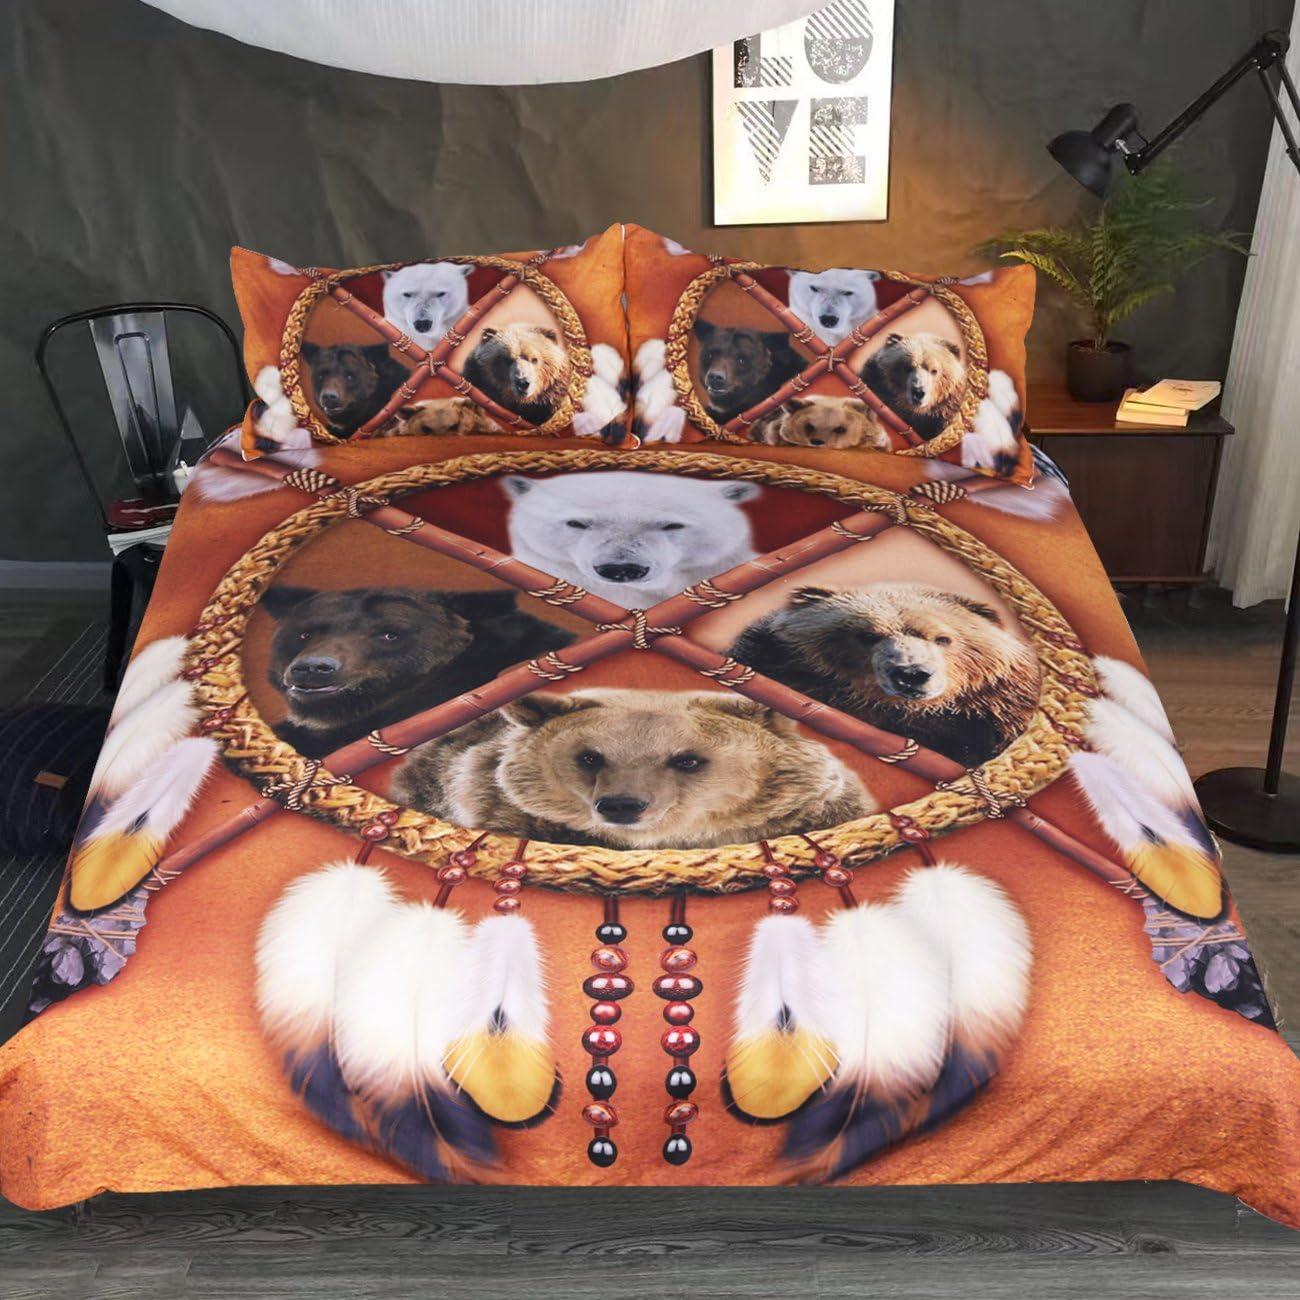 Sleepwish Bear Bedding Gold Brown Dream Catcher Duvet Cover 3 Pieces Wild Animal Bedspread (Queen)